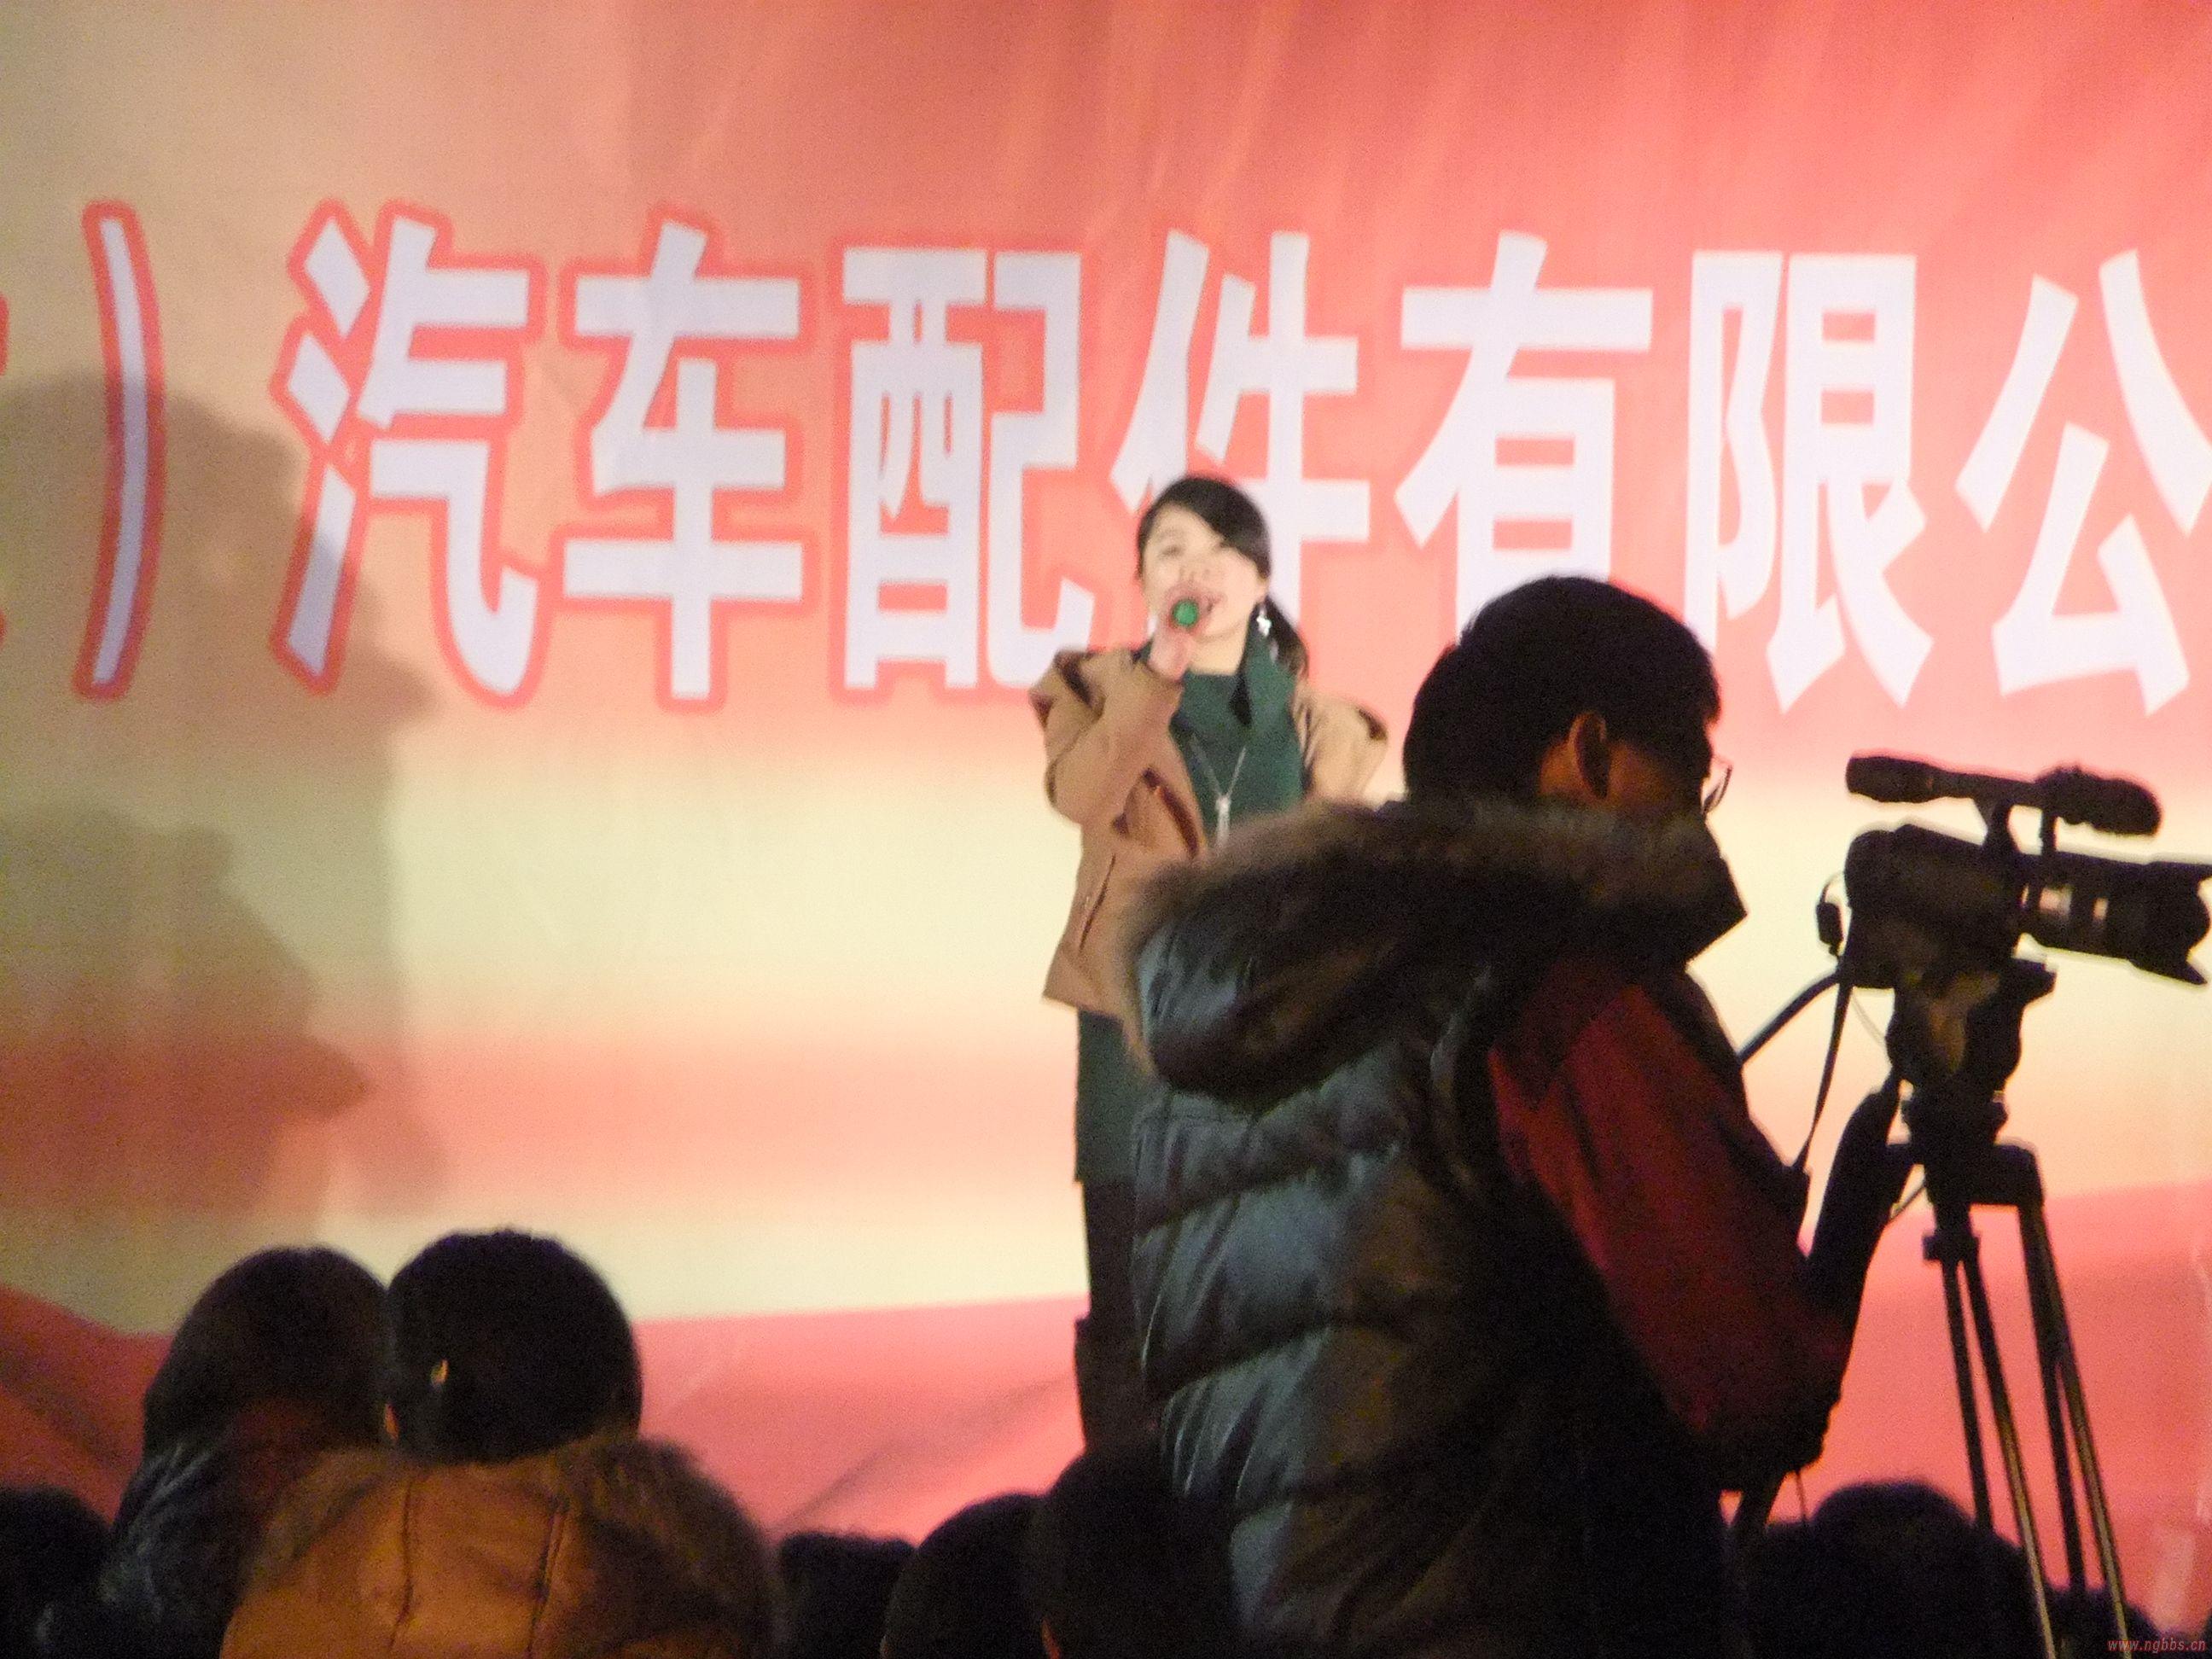 保隆篝火晚会 - 宁国论坛 - DSCF7144.jpg